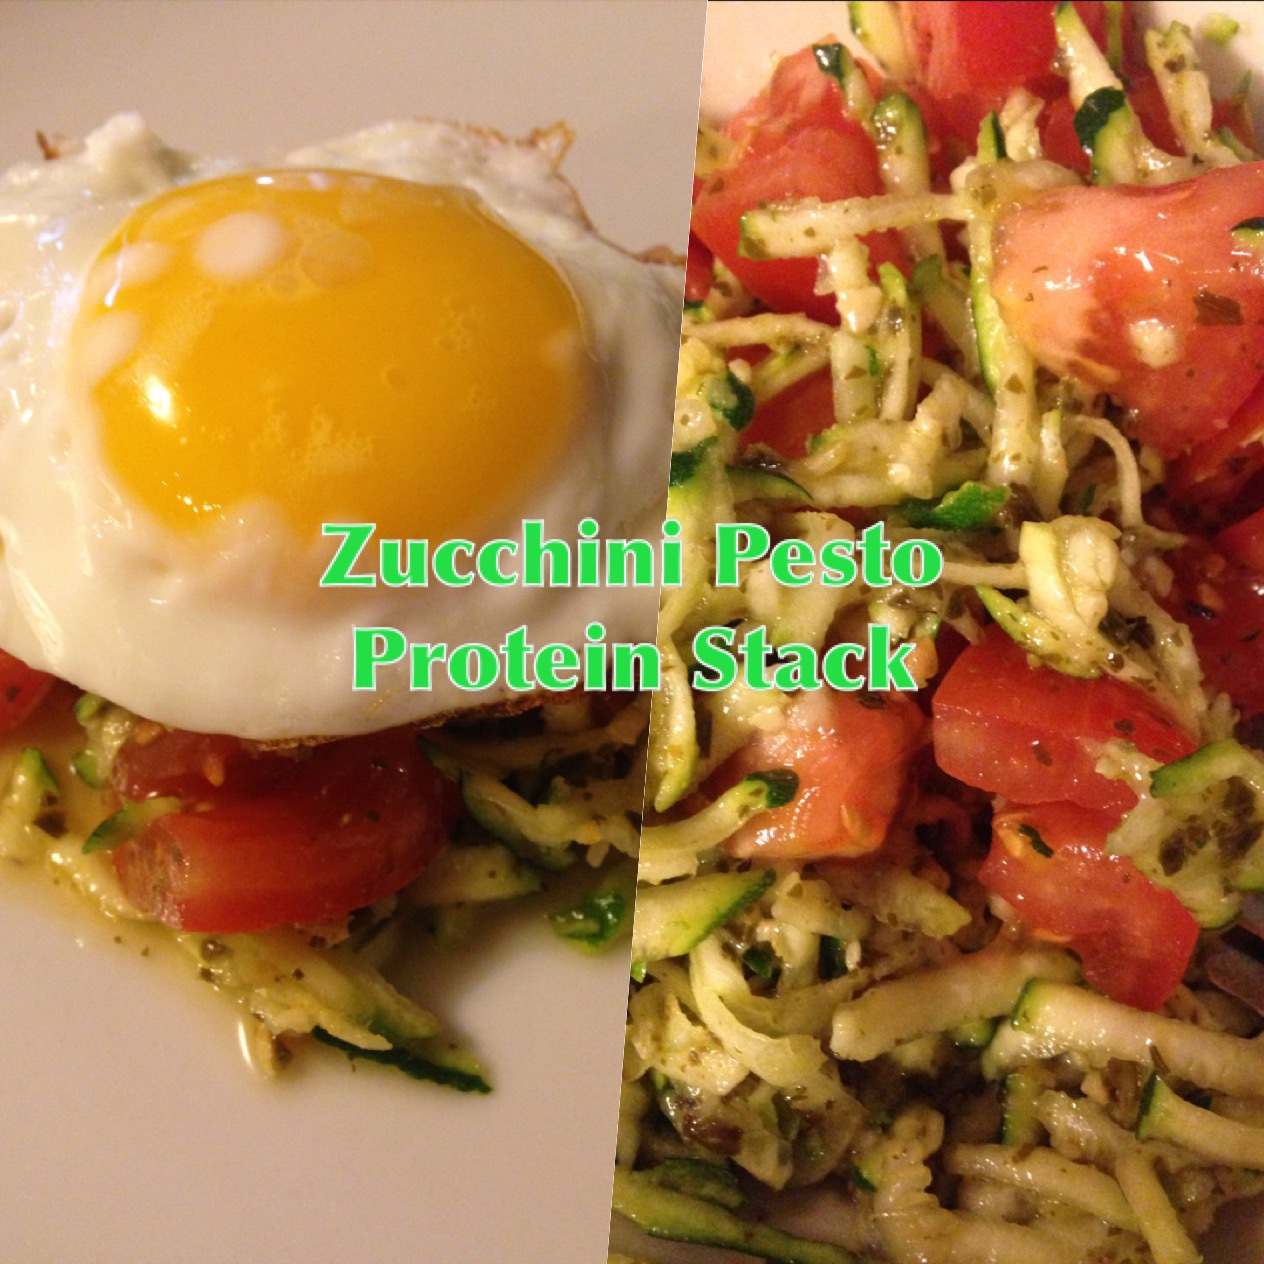 Zucchini Pesto Protein Stack